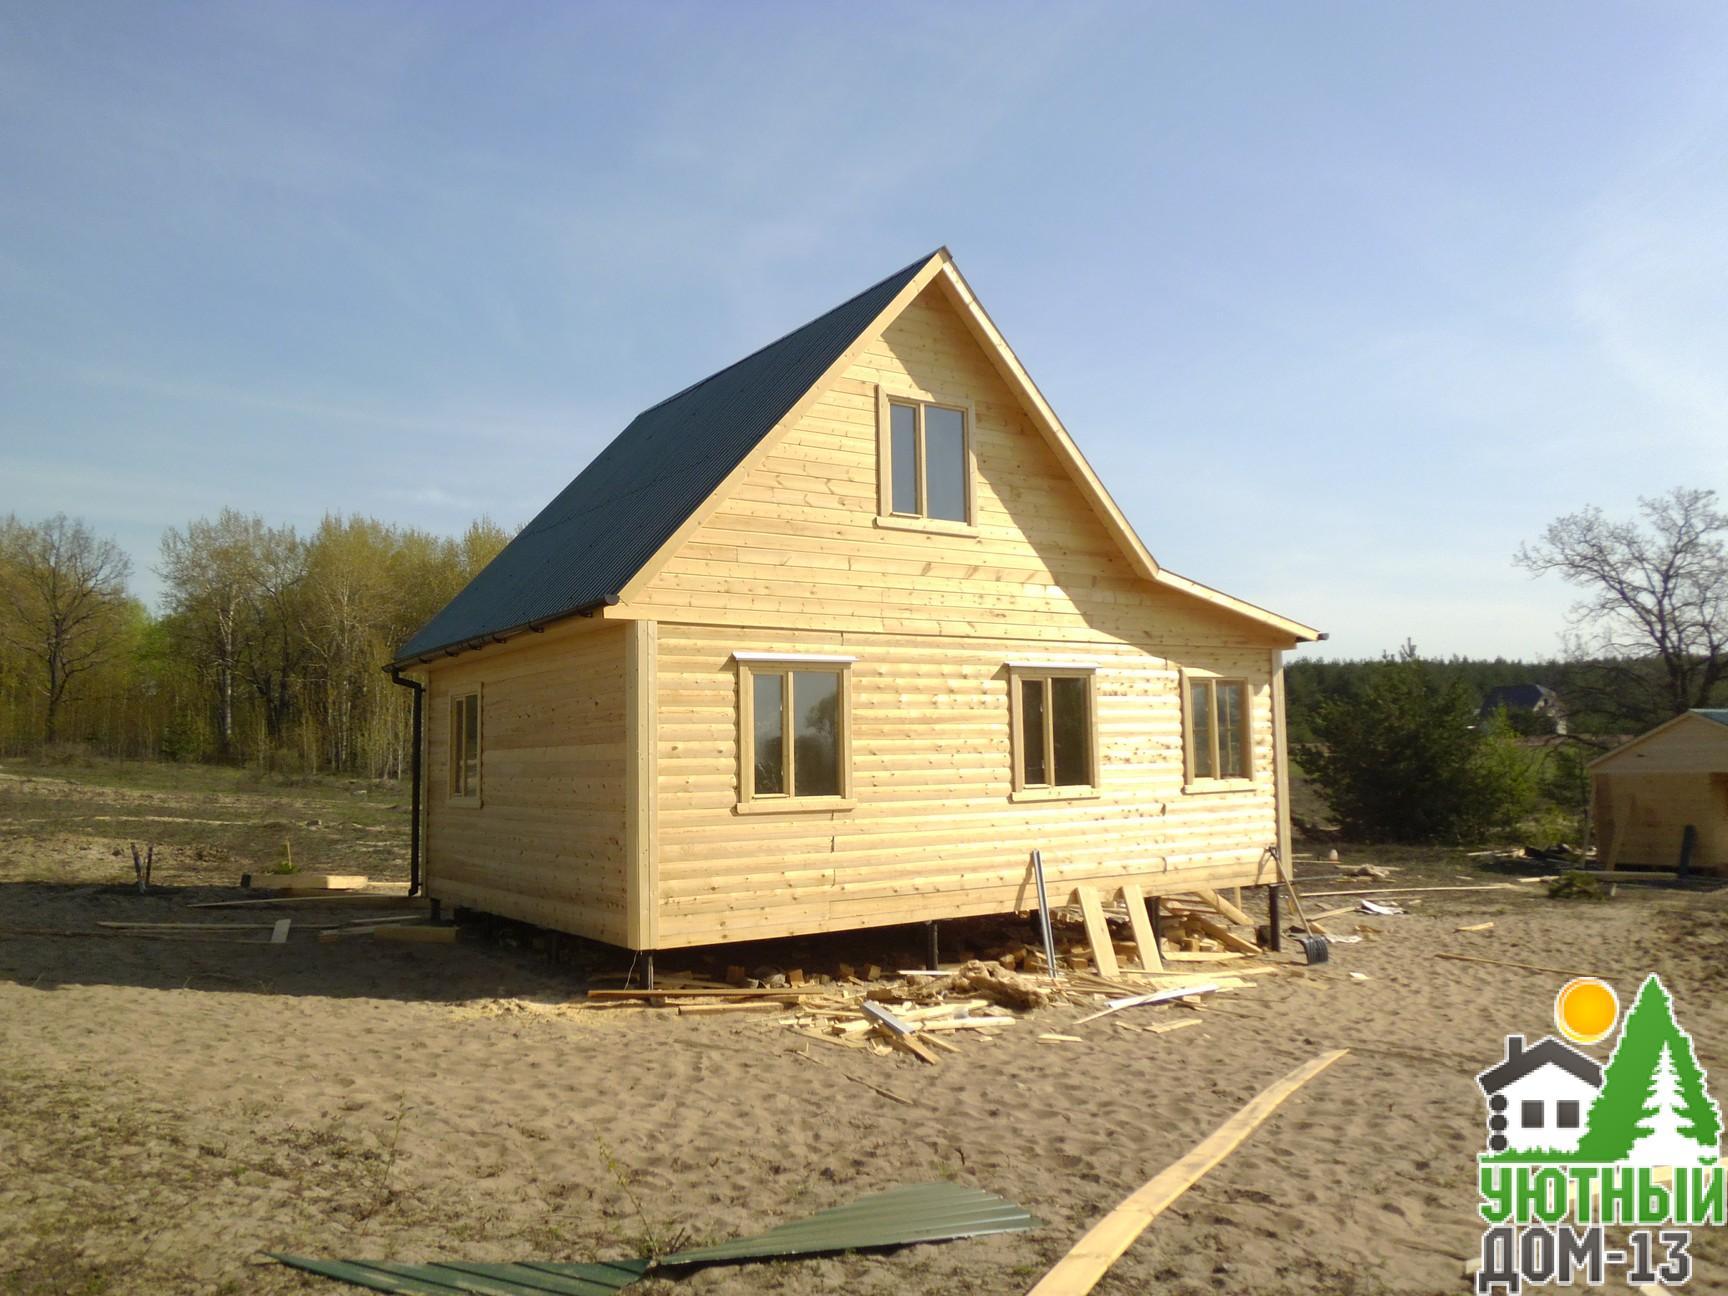 Строительство деревянных домов в Саранске под ключ